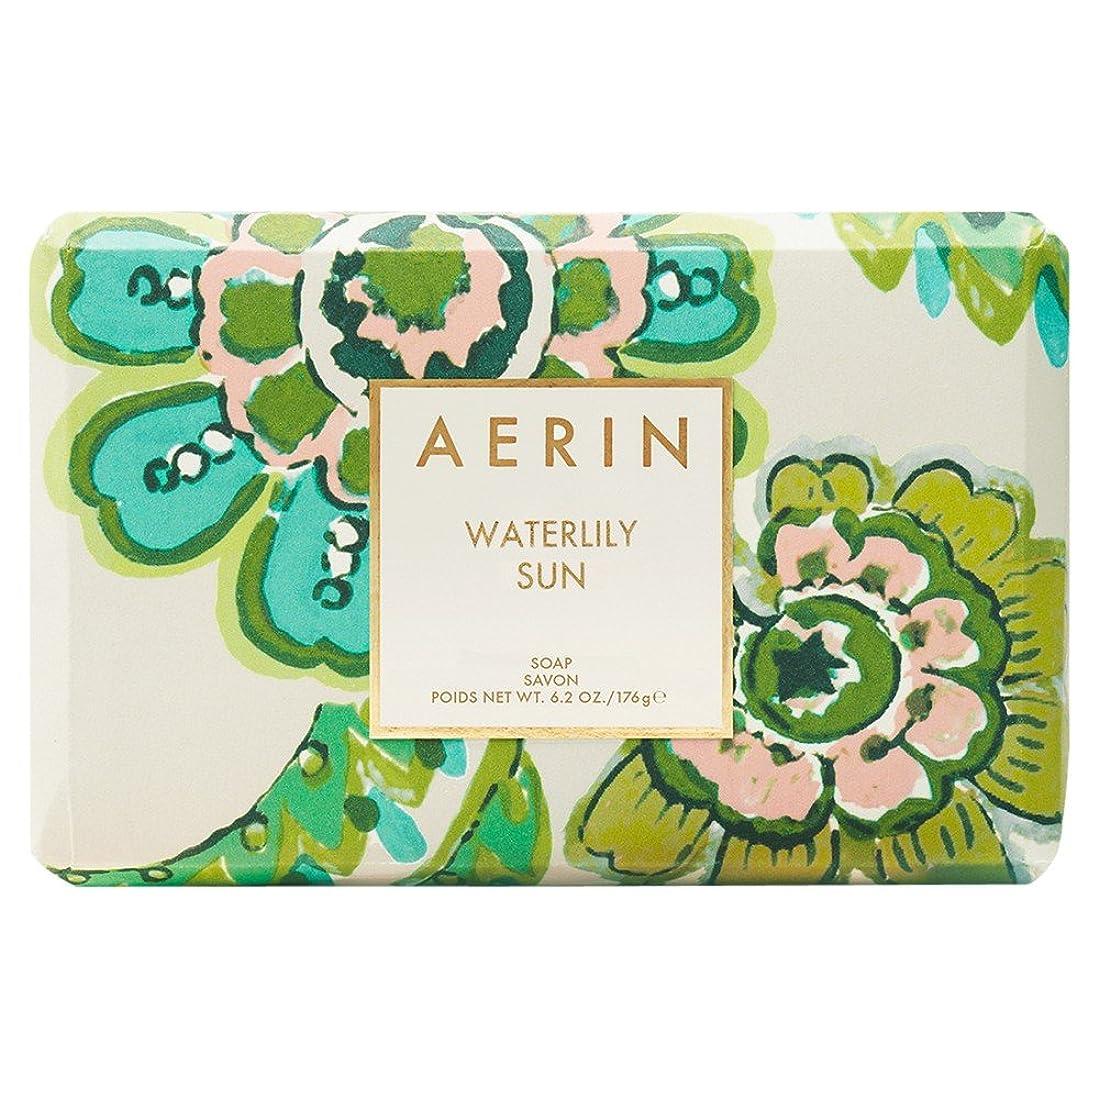 シリング活力ウミウシAerinスイレン日石鹸176グラム (AERIN) (x6) - AERIN Waterlily Sun Soap 176g (Pack of 6) [並行輸入品]